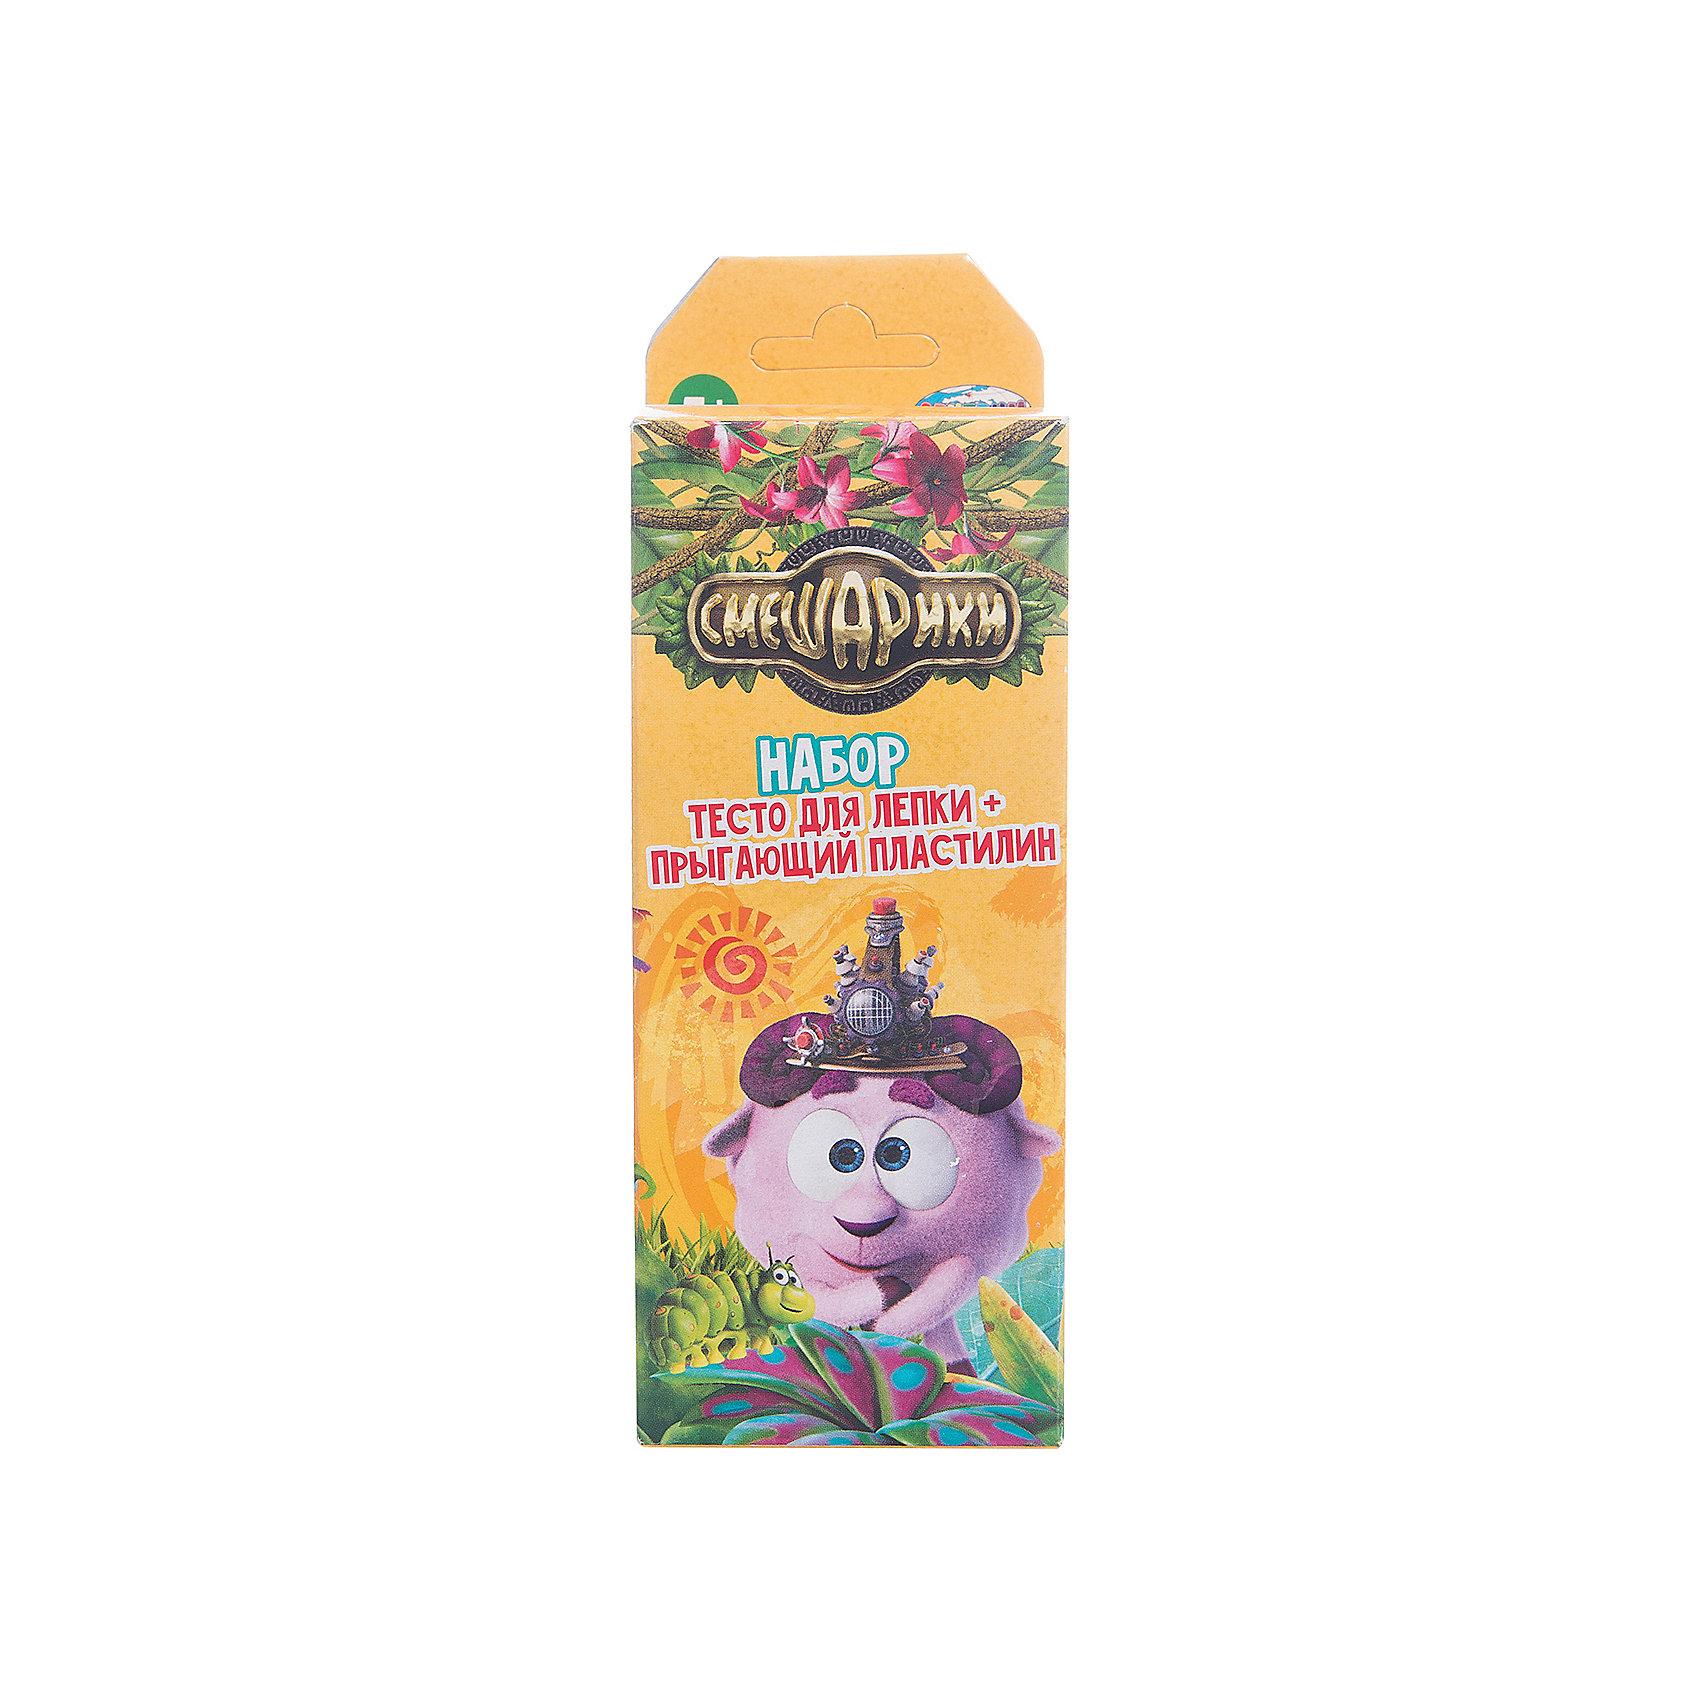 Тесто для лепки СмешарикиЛепка<br>Тесто для лепки Смешарики<br><br>Характеристики:<br><br>• В наборе: 4 баночек по 45 гр., 1 баночка прыгающего пластилина 21 гр. <br>• Размер упаковки: 18 * 5 * 6 см.<br>• Вес: 205 г.<br>• Для детей в возрасте: от 3-х лет<br>• Страна производитель: Китай<br><br>Тесто изготовлено на основе кукурузного крахмала, легко разминается и обладает яркими цветами. В набор входят нужные для лепки четыре цвета (красный, жёлтый, зелёный, синий), которые можно смешать между собой. Весёлый прыгающий пластилин можно формировать в шарики, которые будут отпрыгивать от любых поверхностей, превращая лепку в активную игру. Занимаясь лепкой дети развивают моторику рук, творческие способности, восприятие цветов и их сочетаний, а также лепка благотворно влияет на развитие речи, координацию движений, память и логическое мышление.<br><br>Тесто для лепки Смешарики можно купить в нашем интернет-магазине.<br><br>Ширина мм: 51<br>Глубина мм: 64<br>Высота мм: 182<br>Вес г: 205<br>Возраст от месяцев: 36<br>Возраст до месяцев: 2147483647<br>Пол: Унисекс<br>Возраст: Детский<br>SKU: 5478227